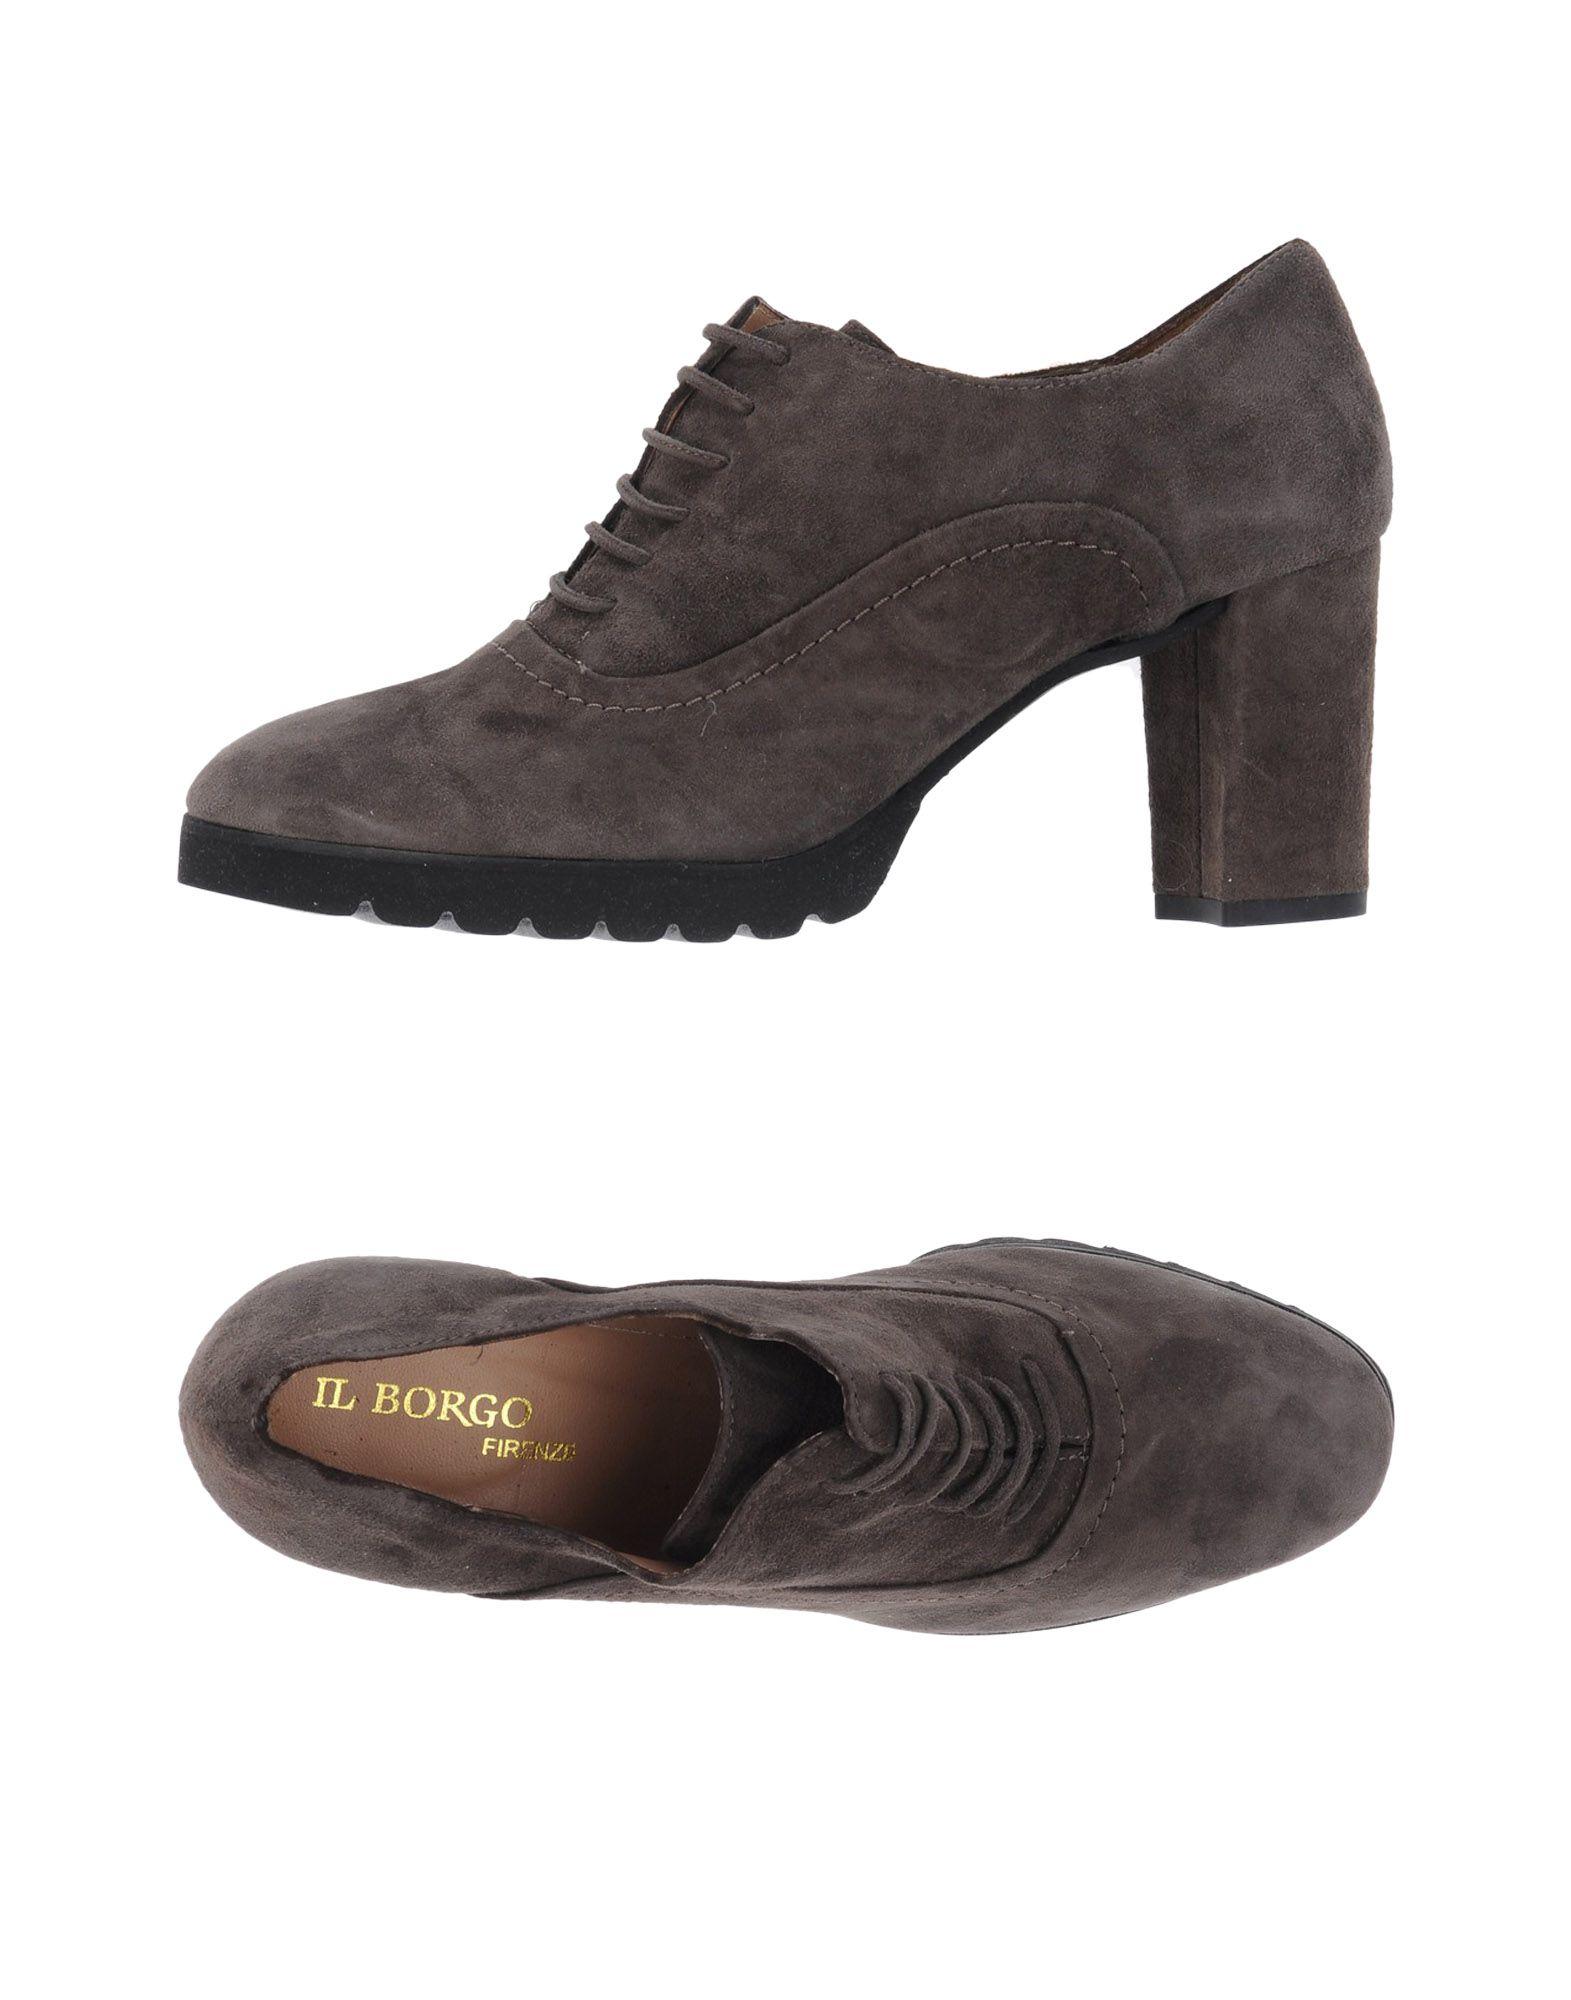 где купить IL BORGO Firenze Обувь на шнурках по лучшей цене